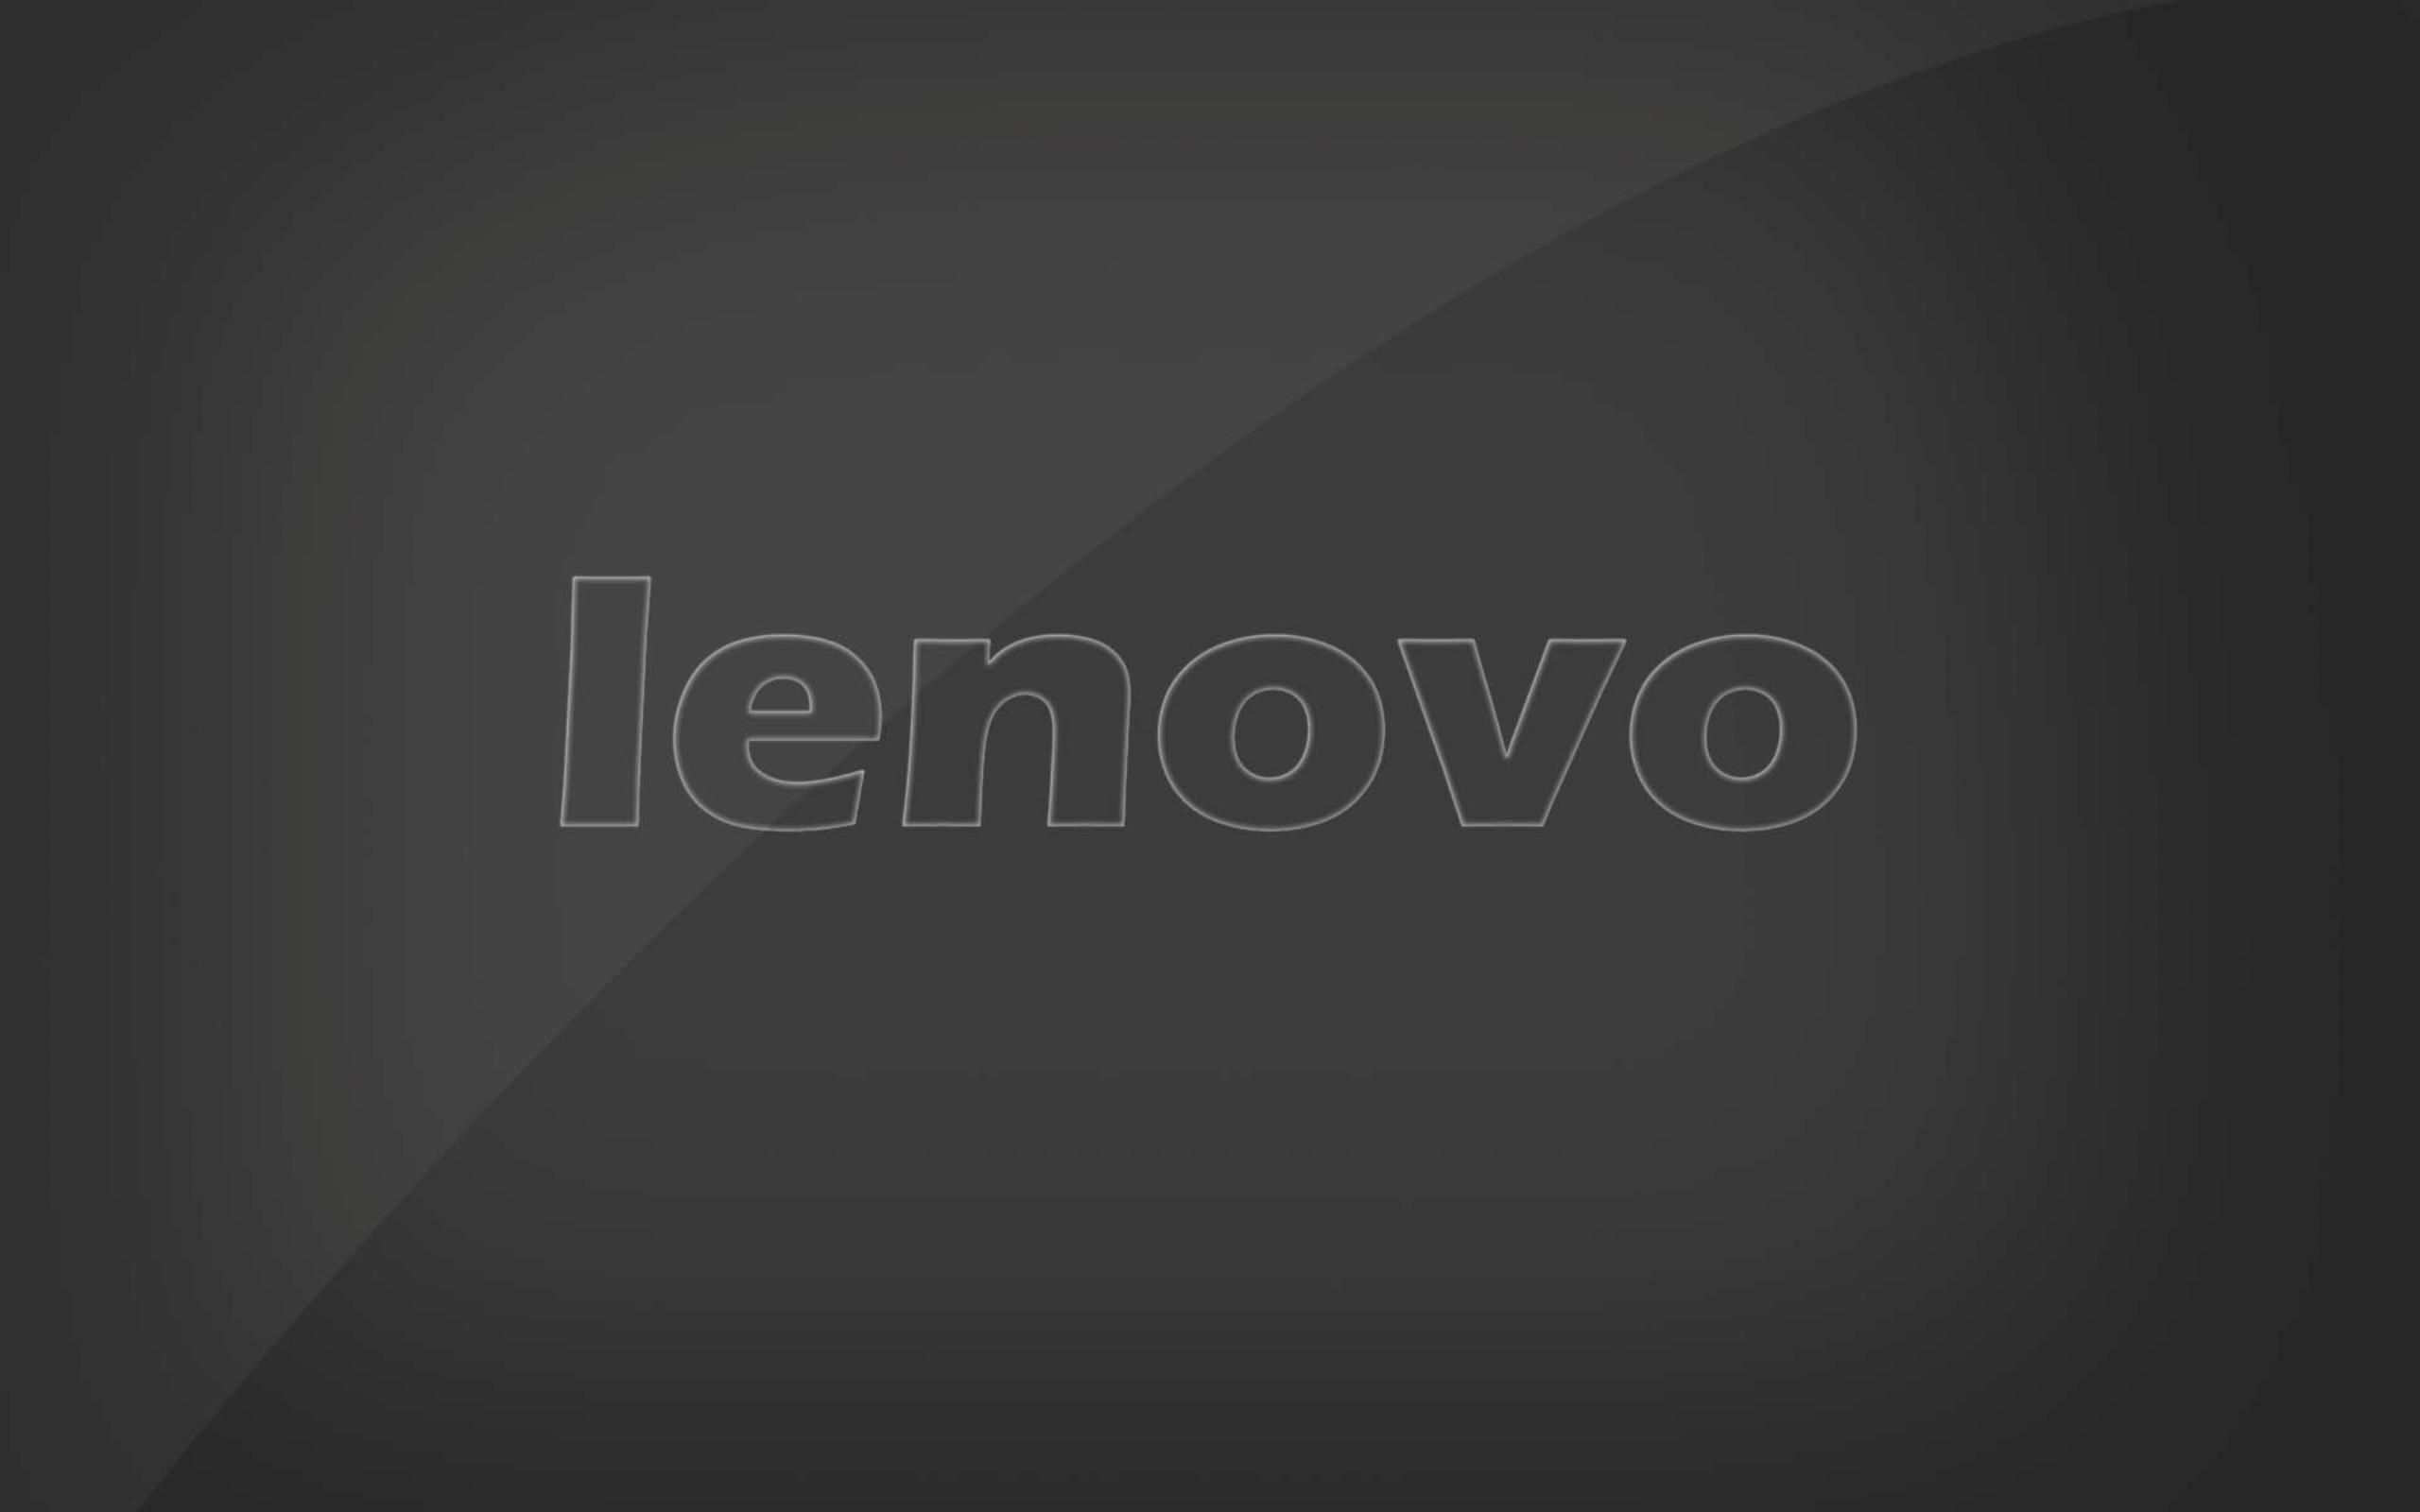 Lenovo Mobile Wallpaper: Lenovo Wallpaper 1366x768 (68+ Images